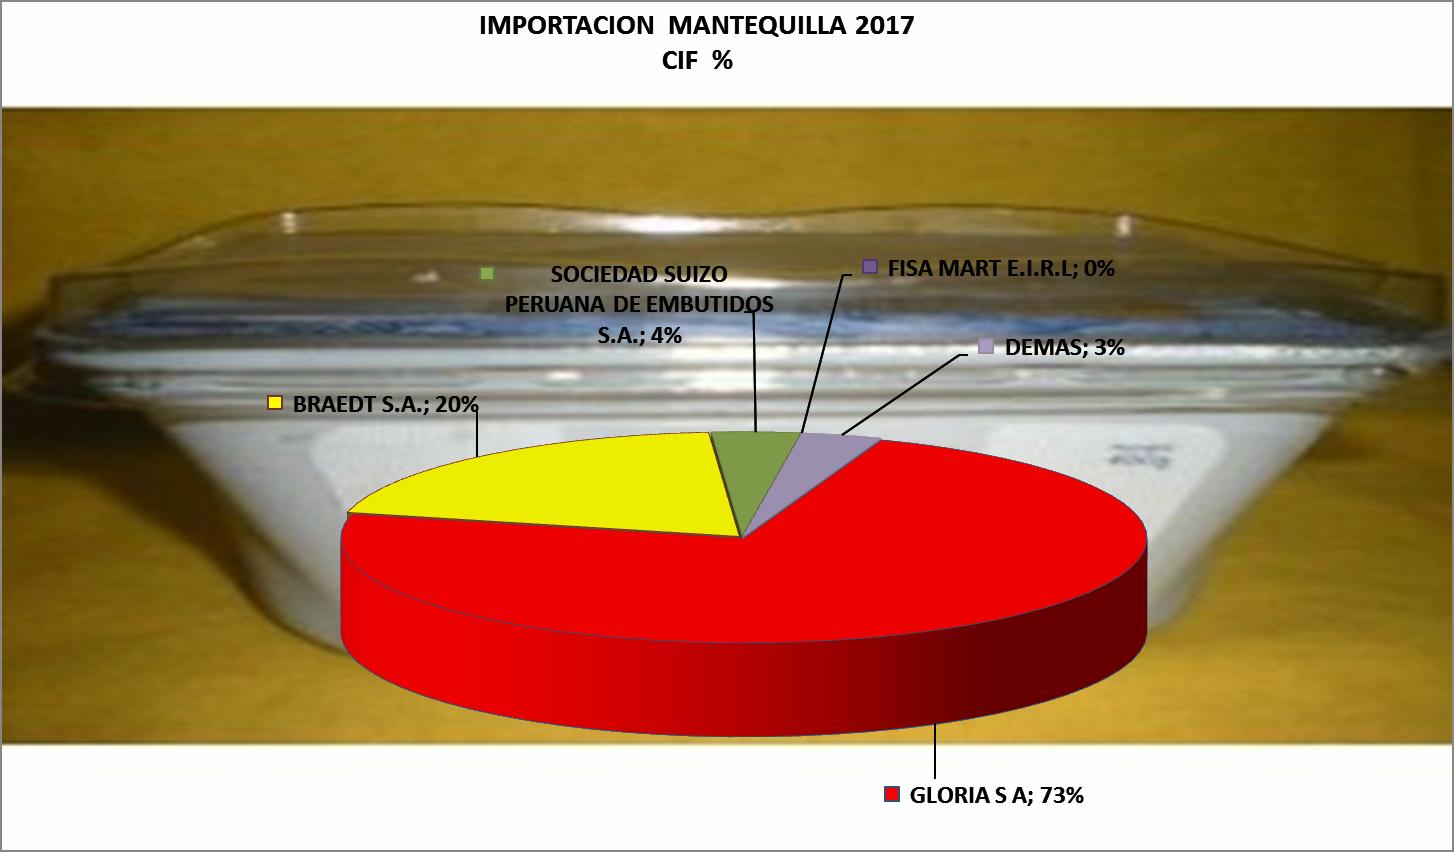 Mantequilla Perú Importación 2017 Marzo